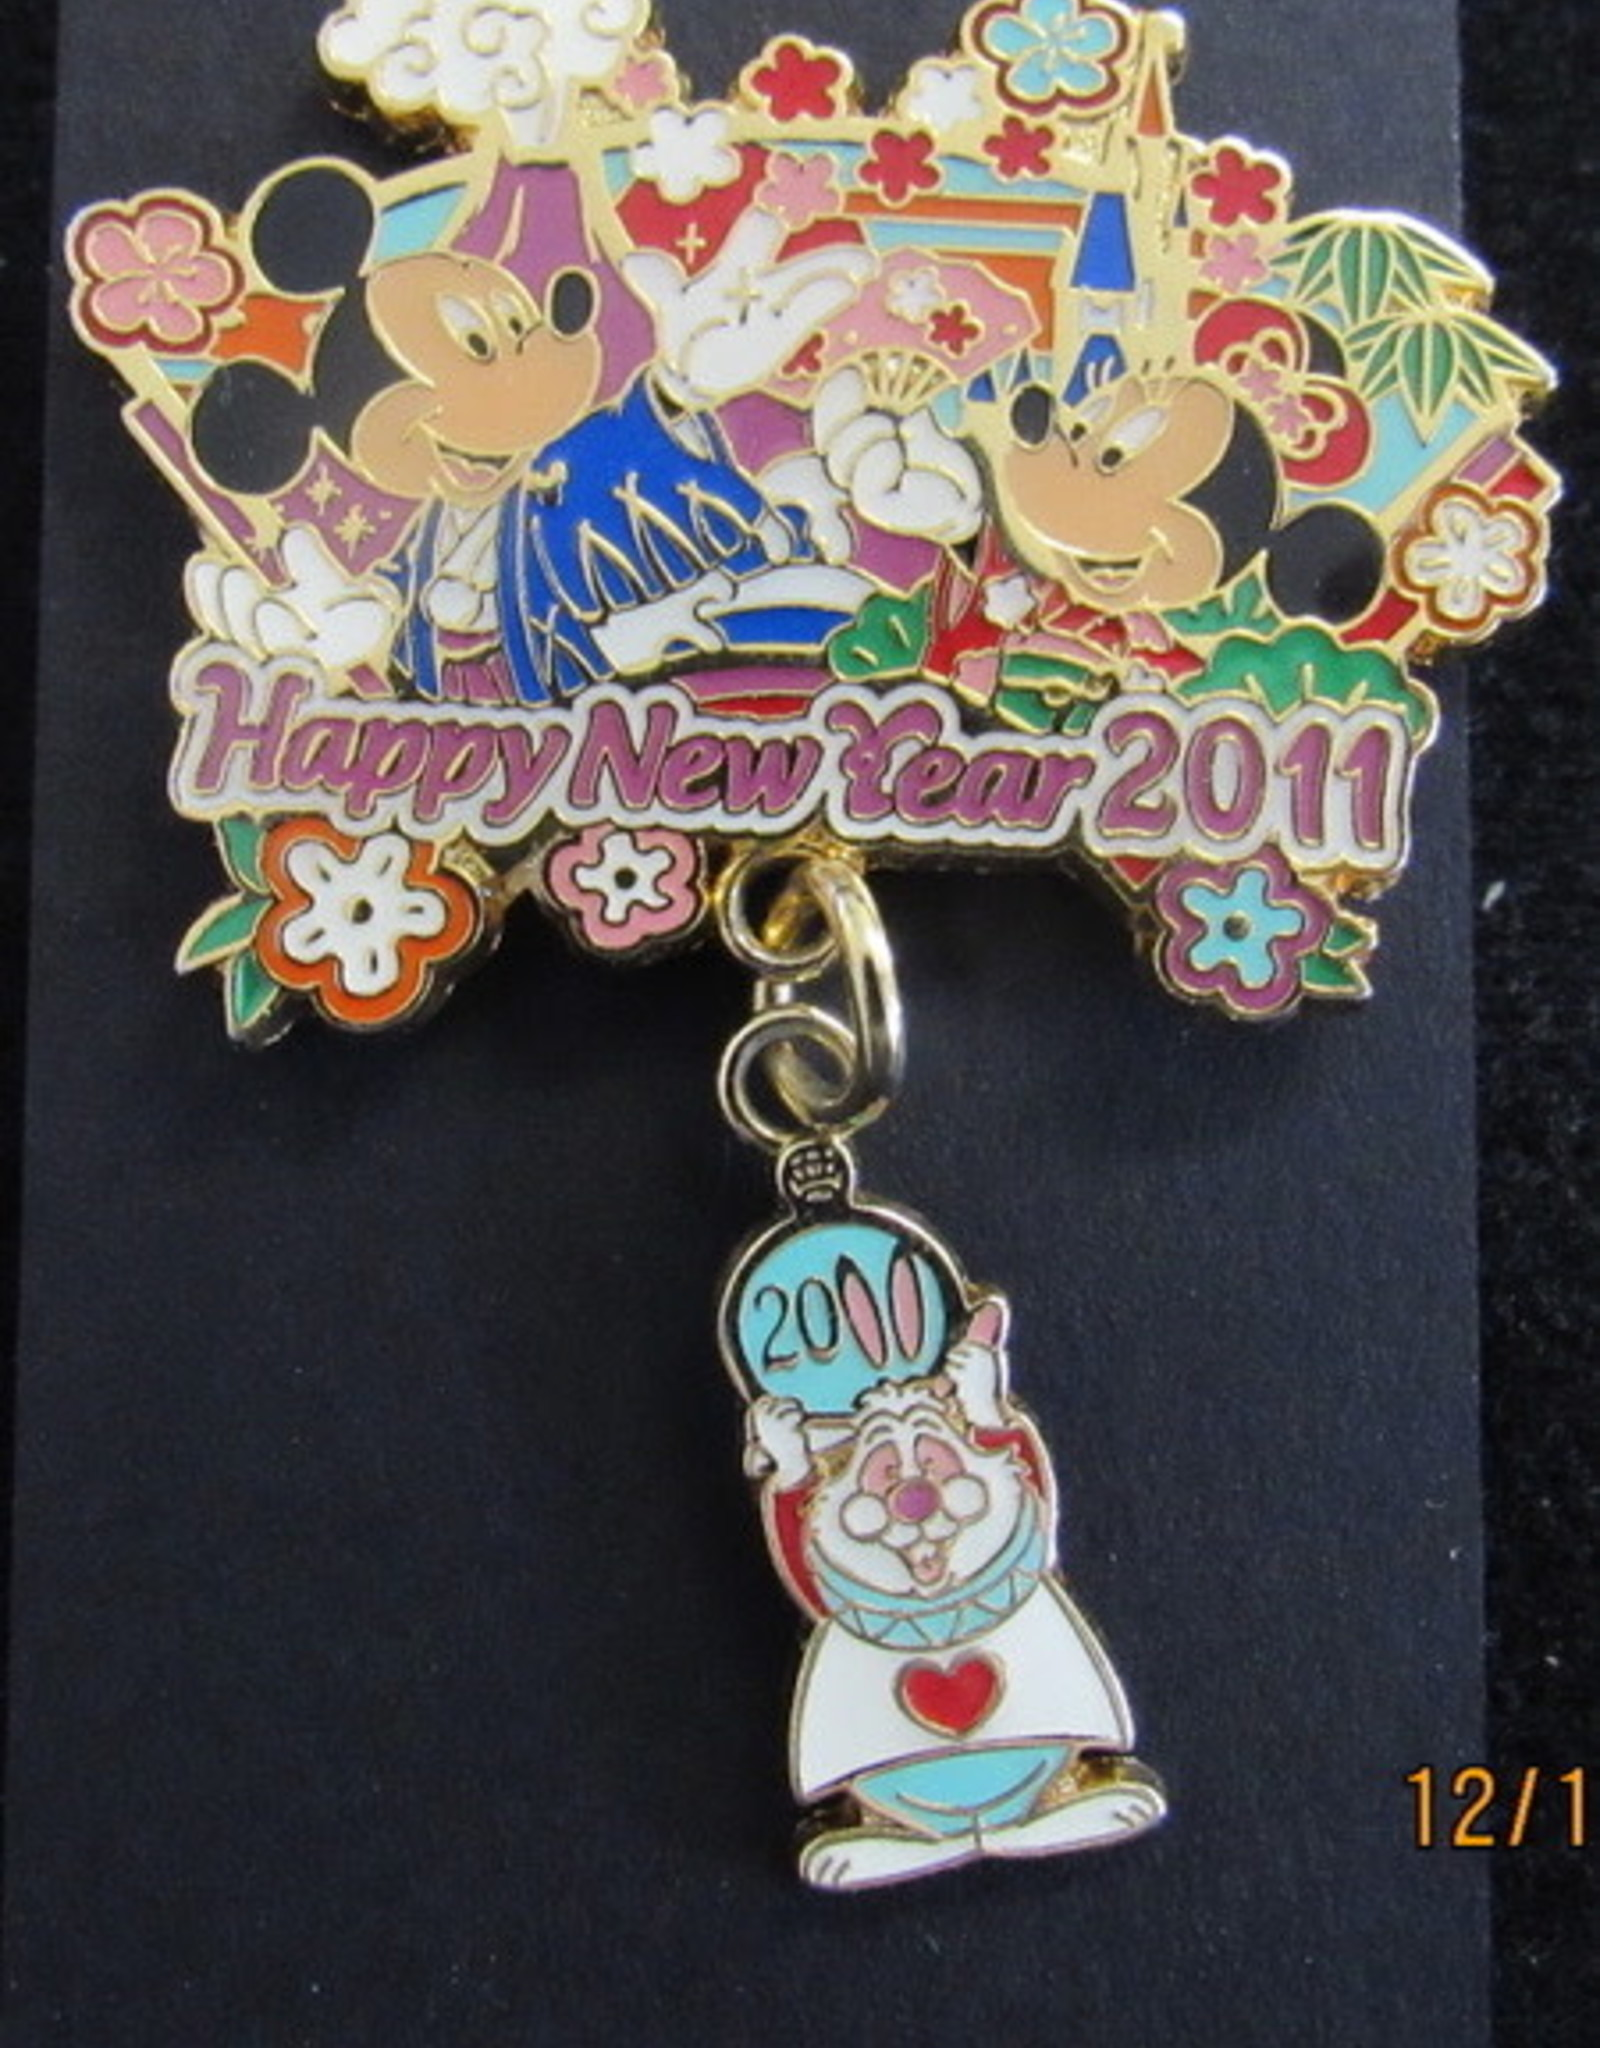 TOKYO DISNEY RESORT PIN HAPPY NEW YEAR RABBIT 2011 MICKEY MINNIE WHITE RABBIT